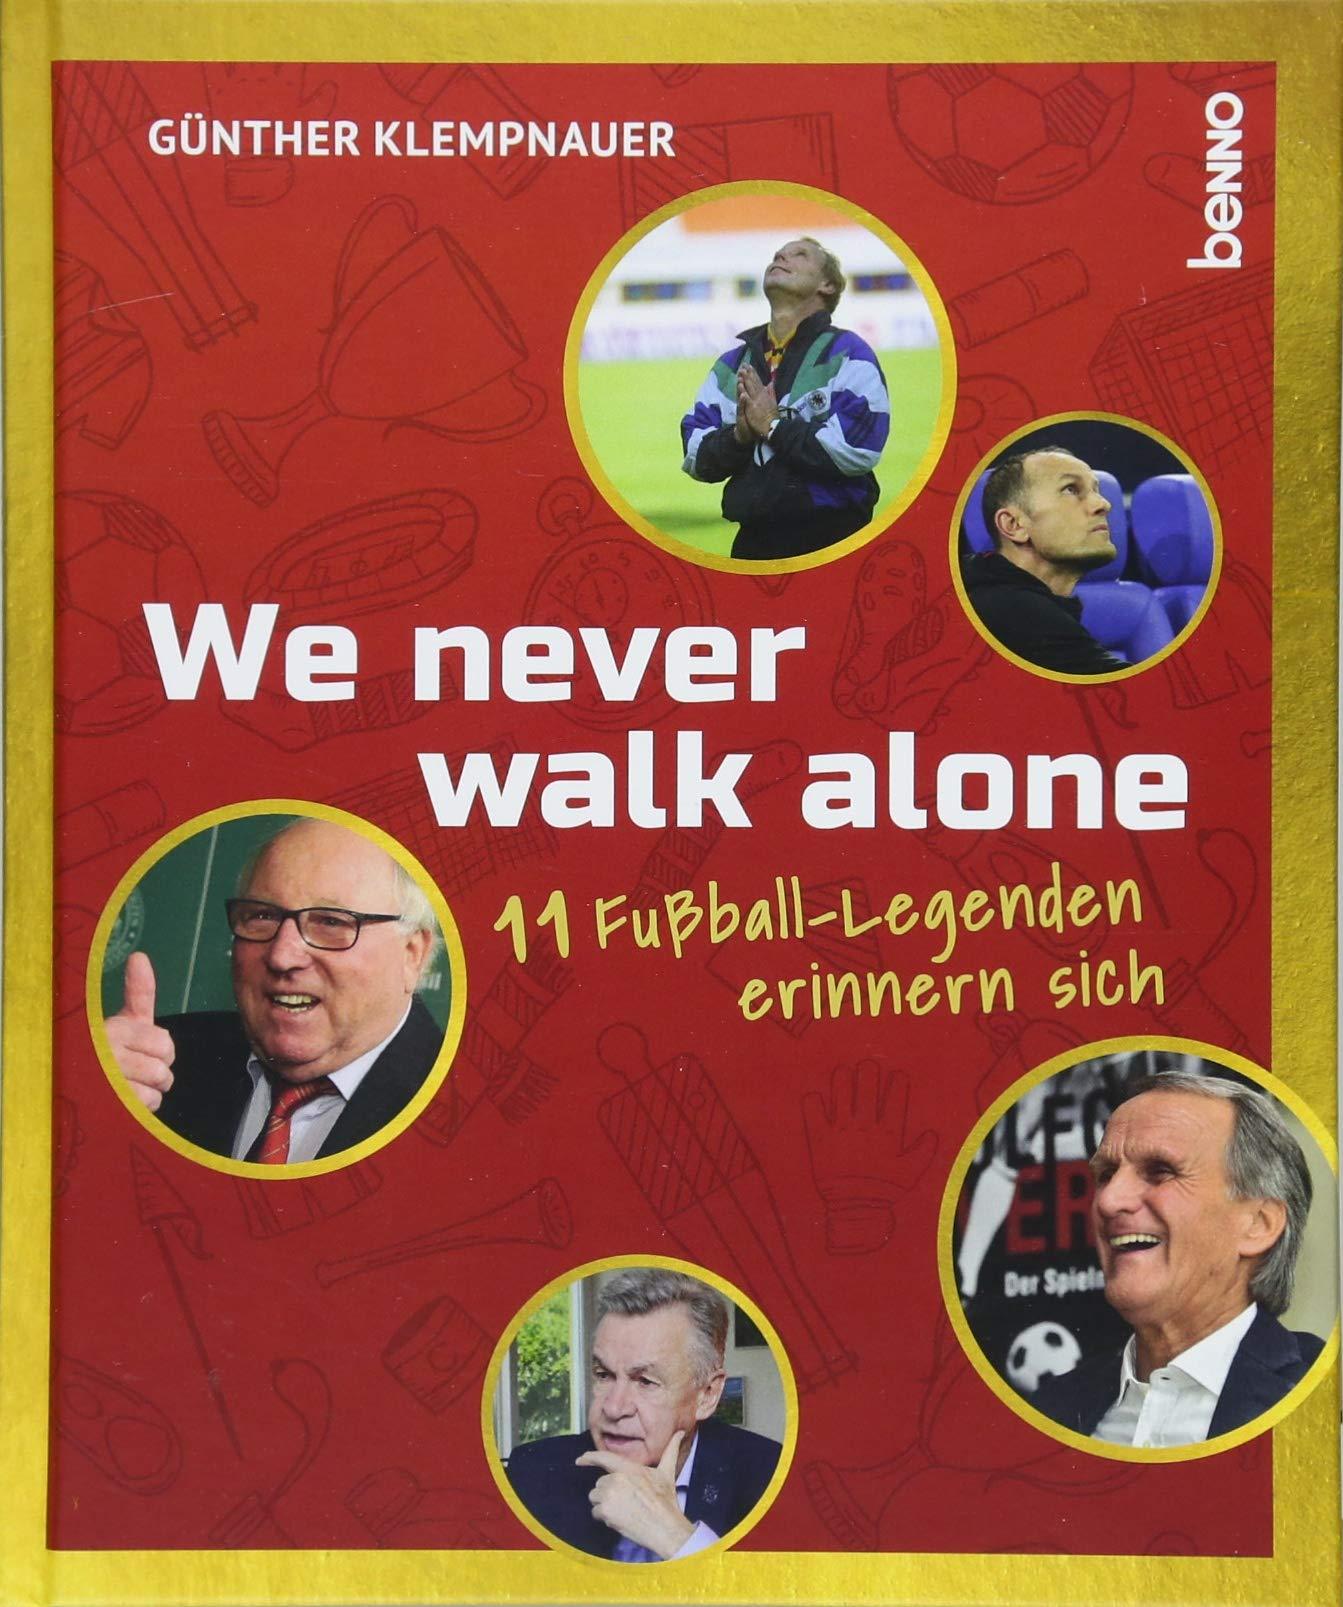 We never walk alone: 11 Fußball-Legenden erinnern sich